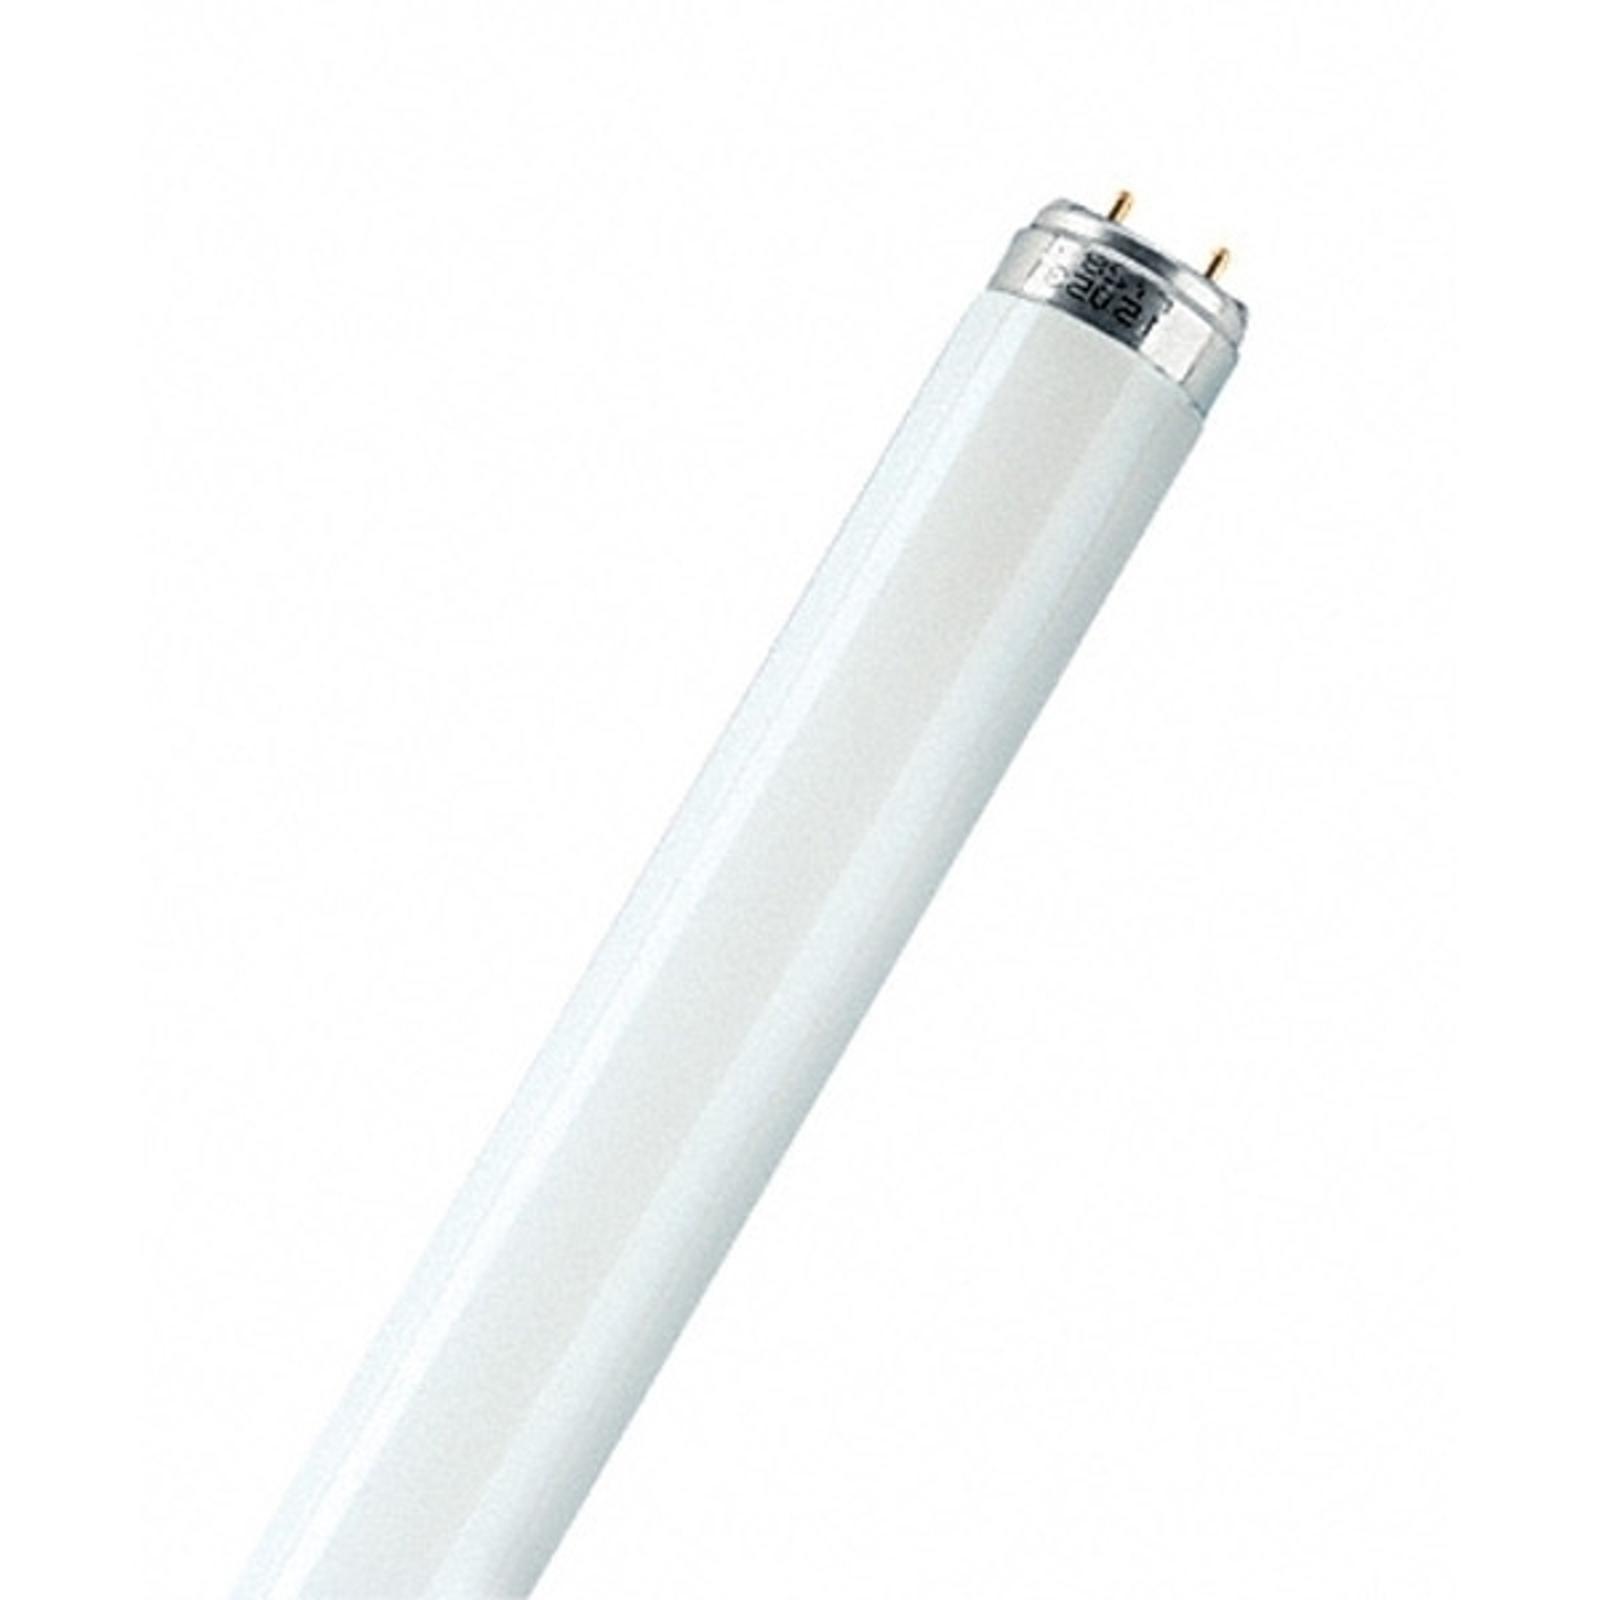 Leuchtstoffröhre G13 T8 LUMILUX ES 51W 840